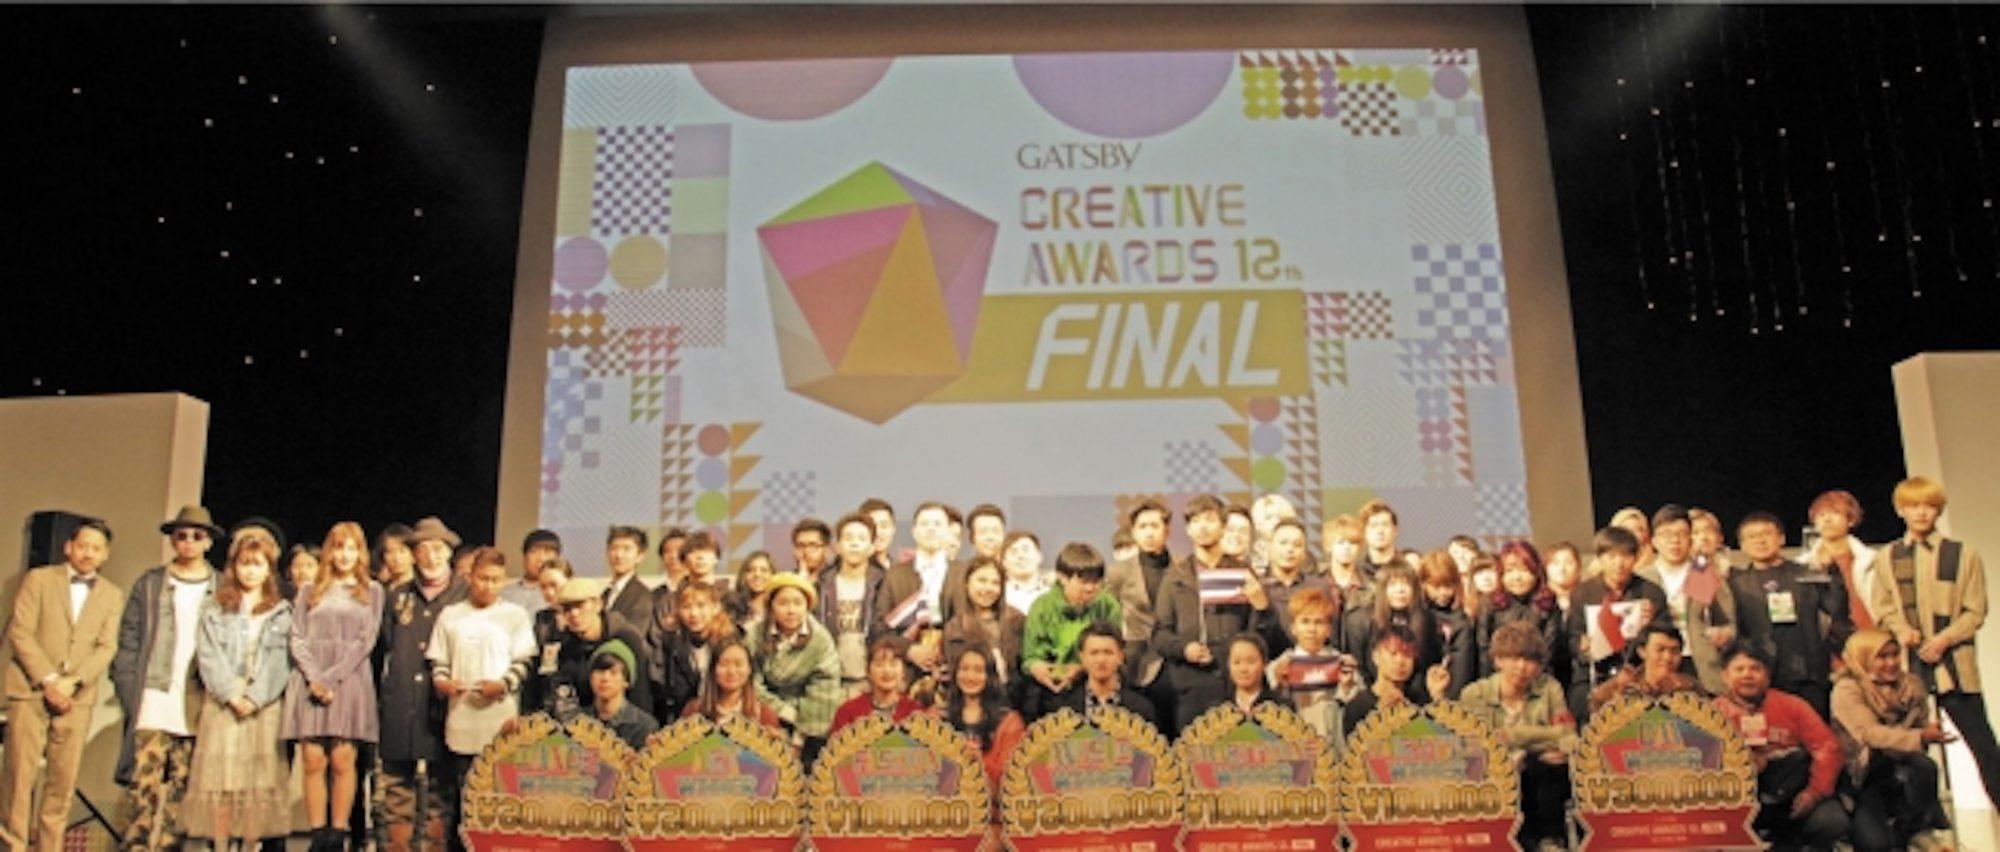 テリー伊藤さんら審査員と観客の投票により、全7部門のアジアNo.1学生クリエイター決定!「12th GATSBY CREATIVE AWARDS」